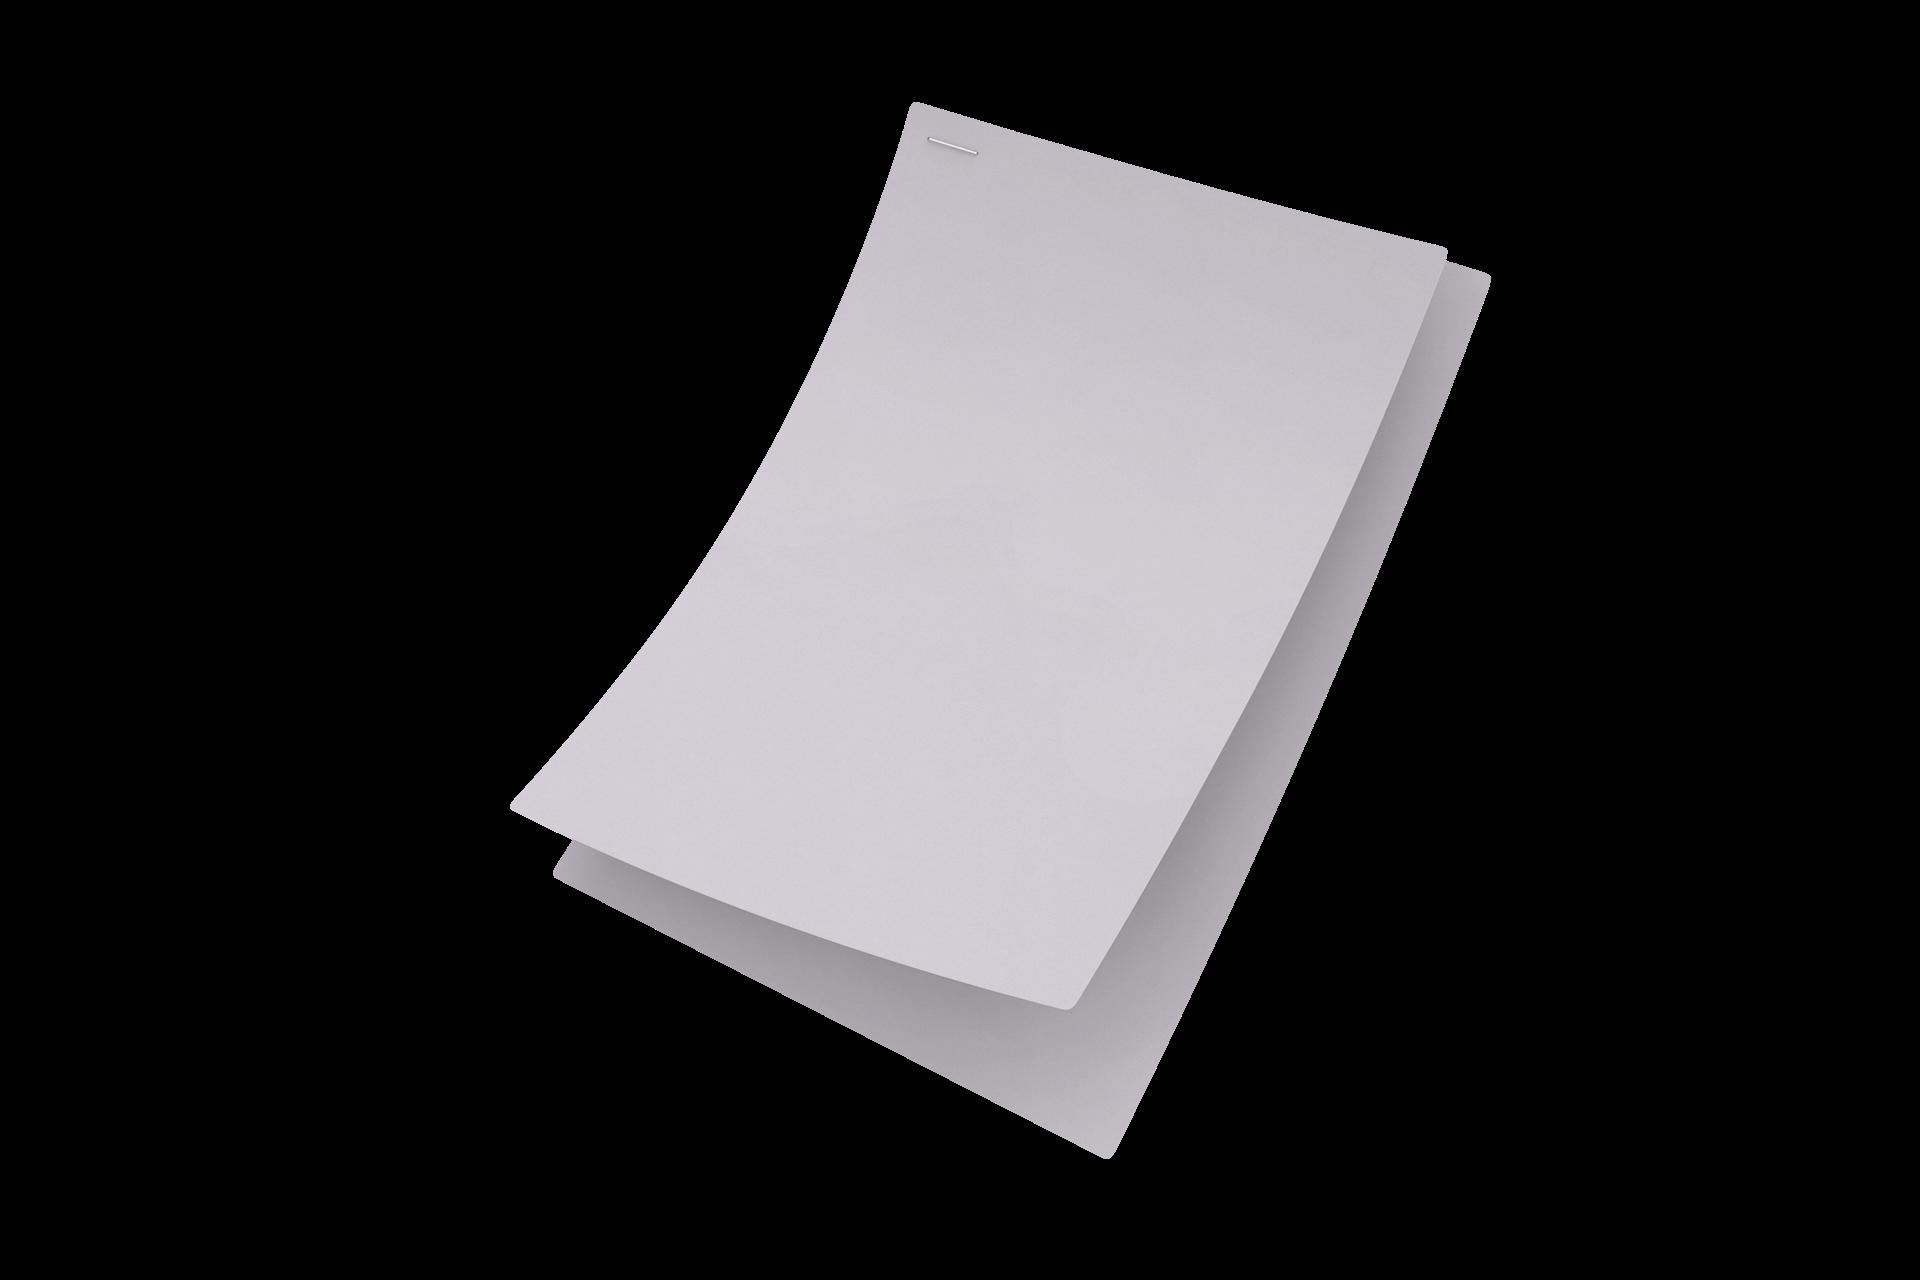 stampa documenti di consegna a firenze